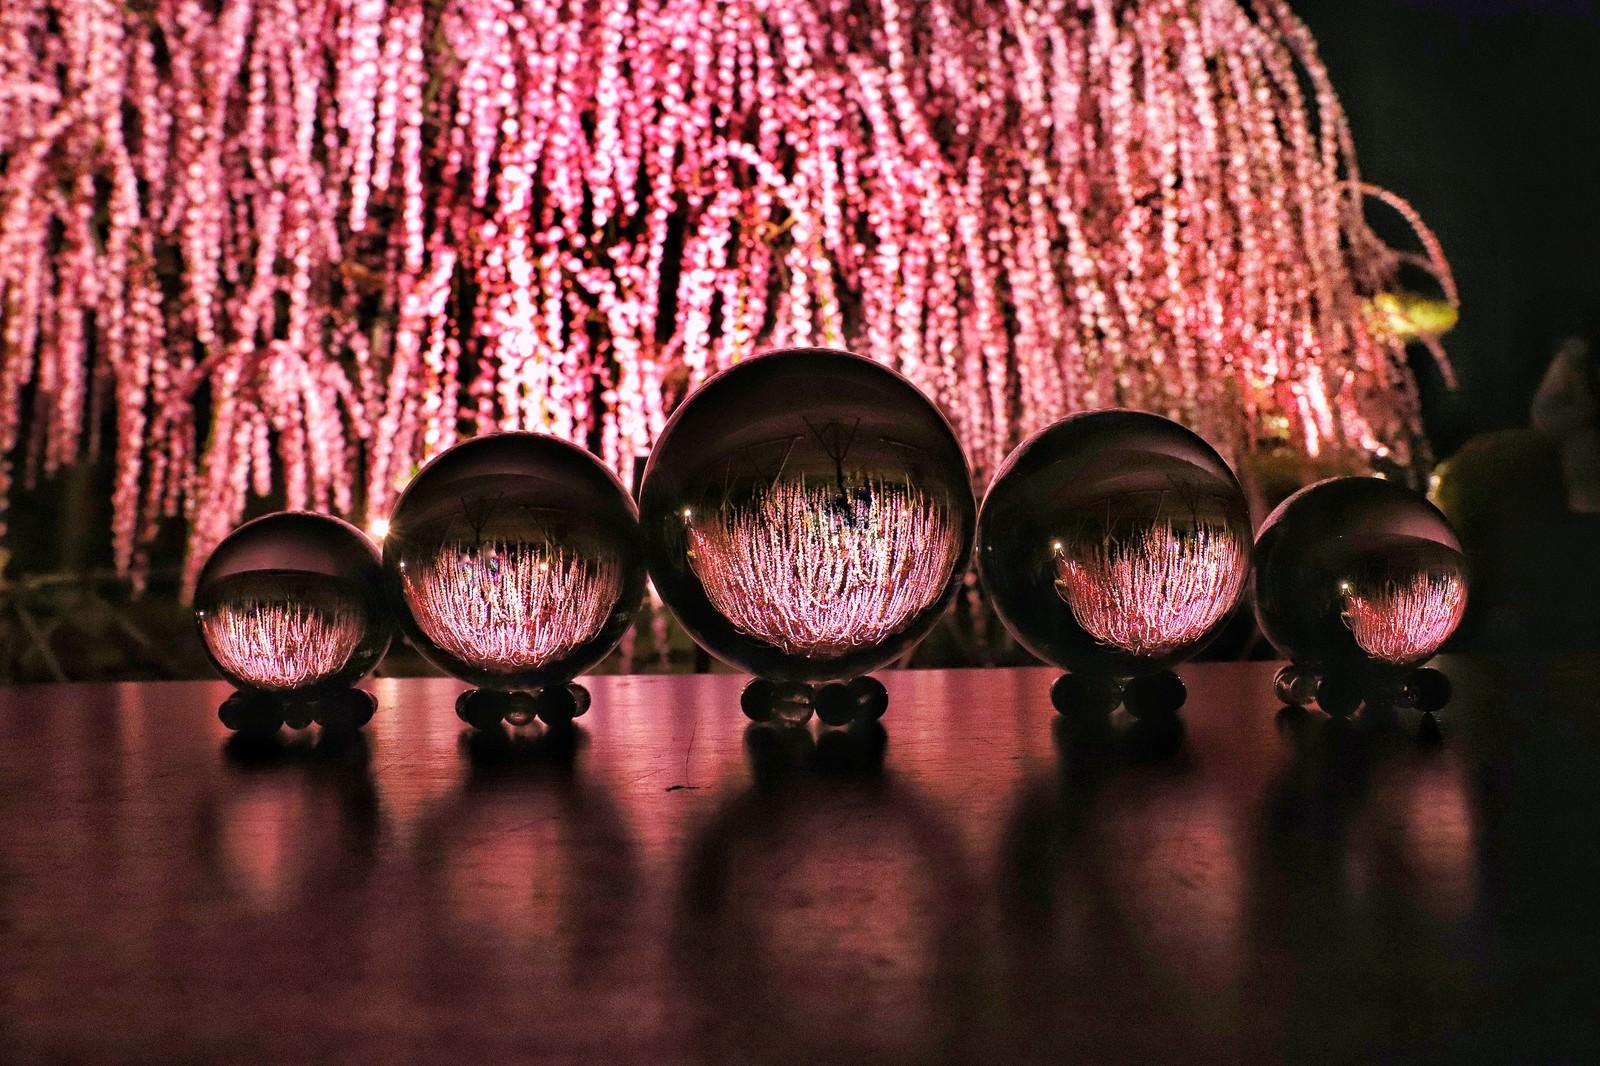 「ライトアップされたしだれ梅と水晶玉」の写真